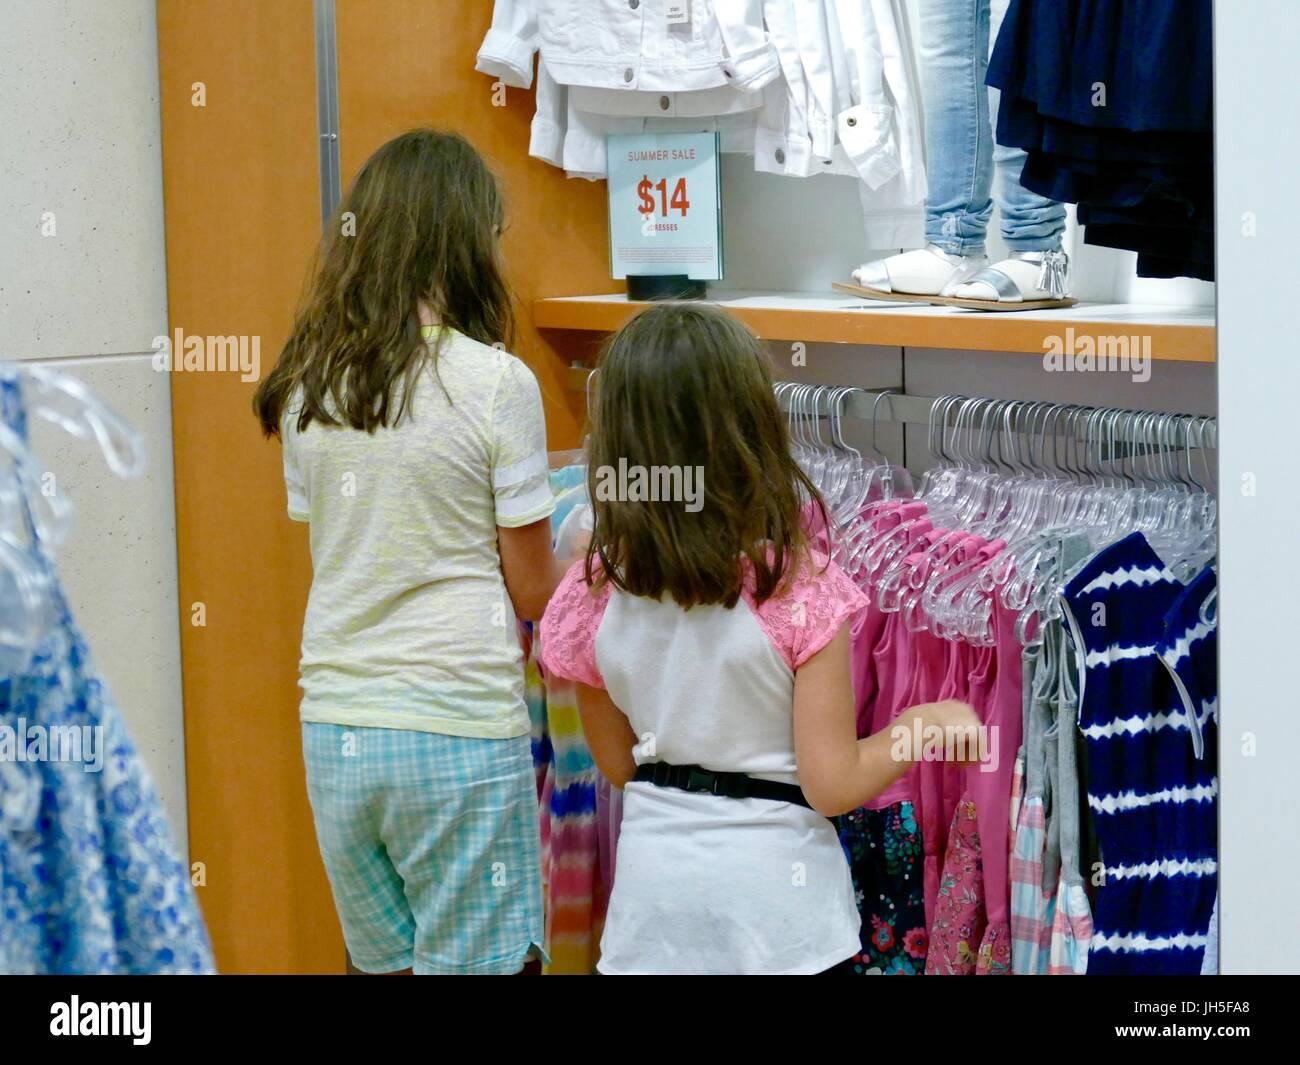 Las niñas de compras en el departamento de la infancia de una tienda de ropa al por menor. Florida, EE.UU. Imagen De Stock